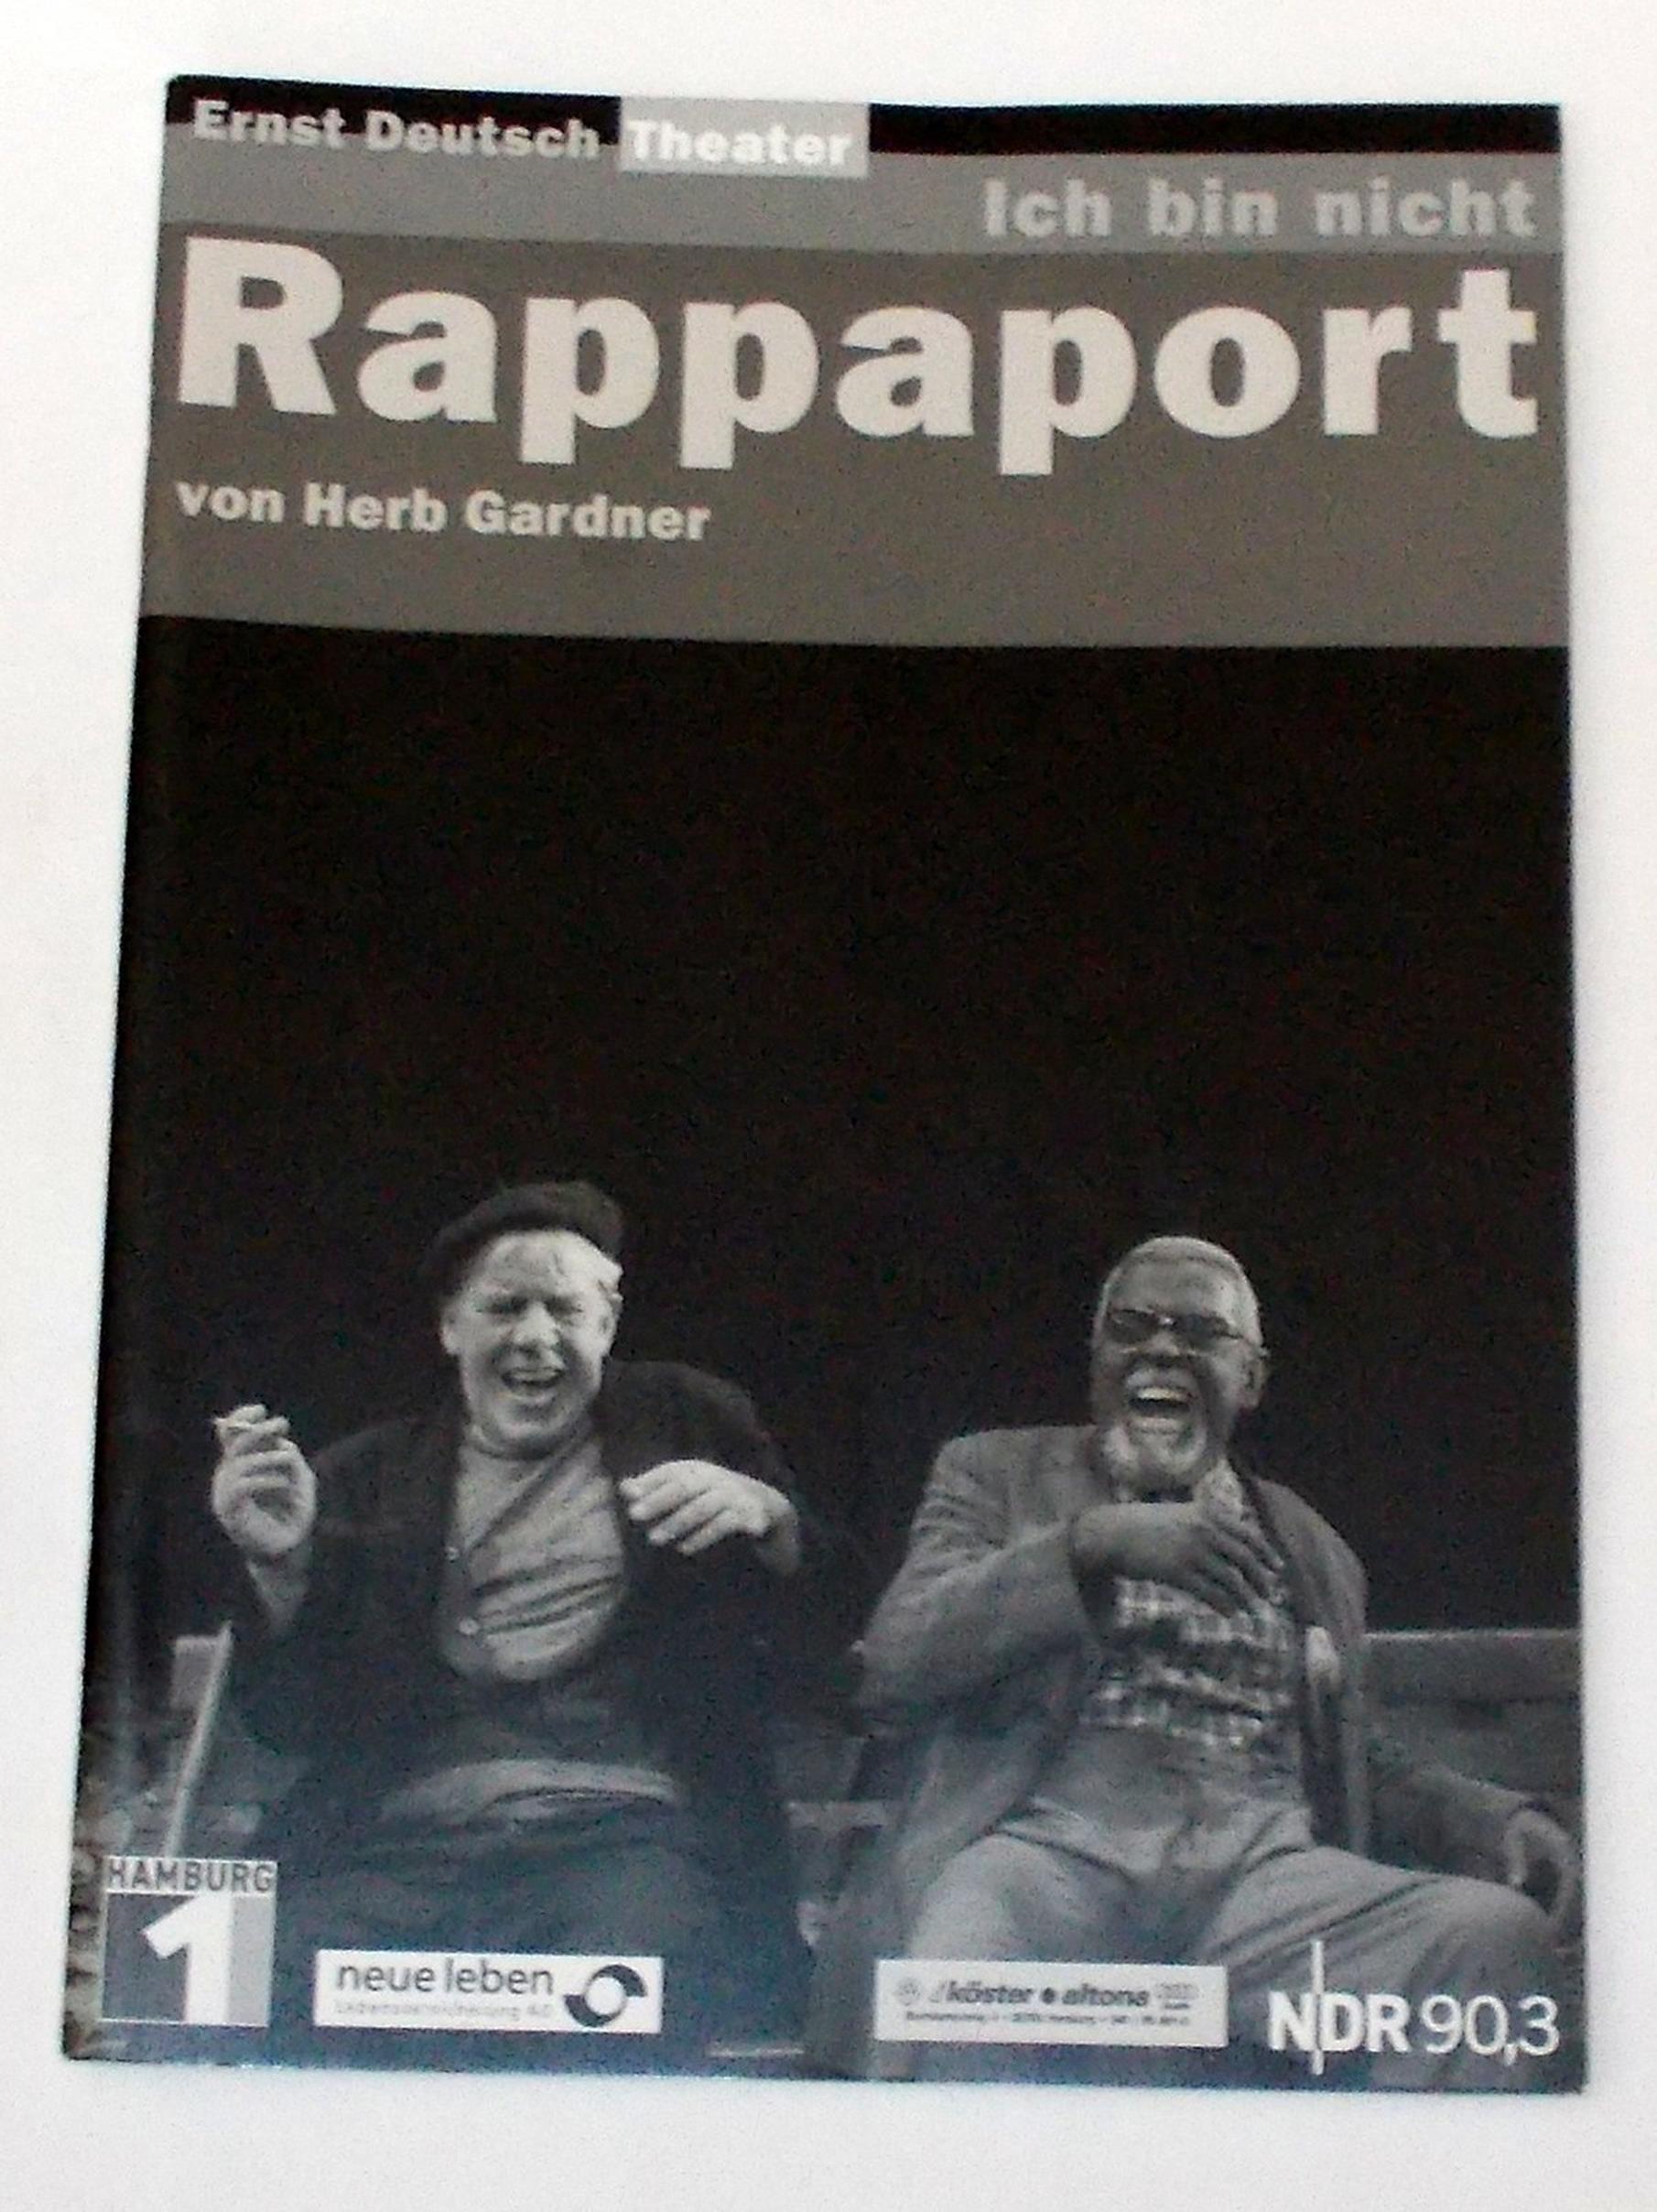 Programmheft Ich bin nicht Rappaport von Herb Gardner Ernst Deutsch Theater 2004